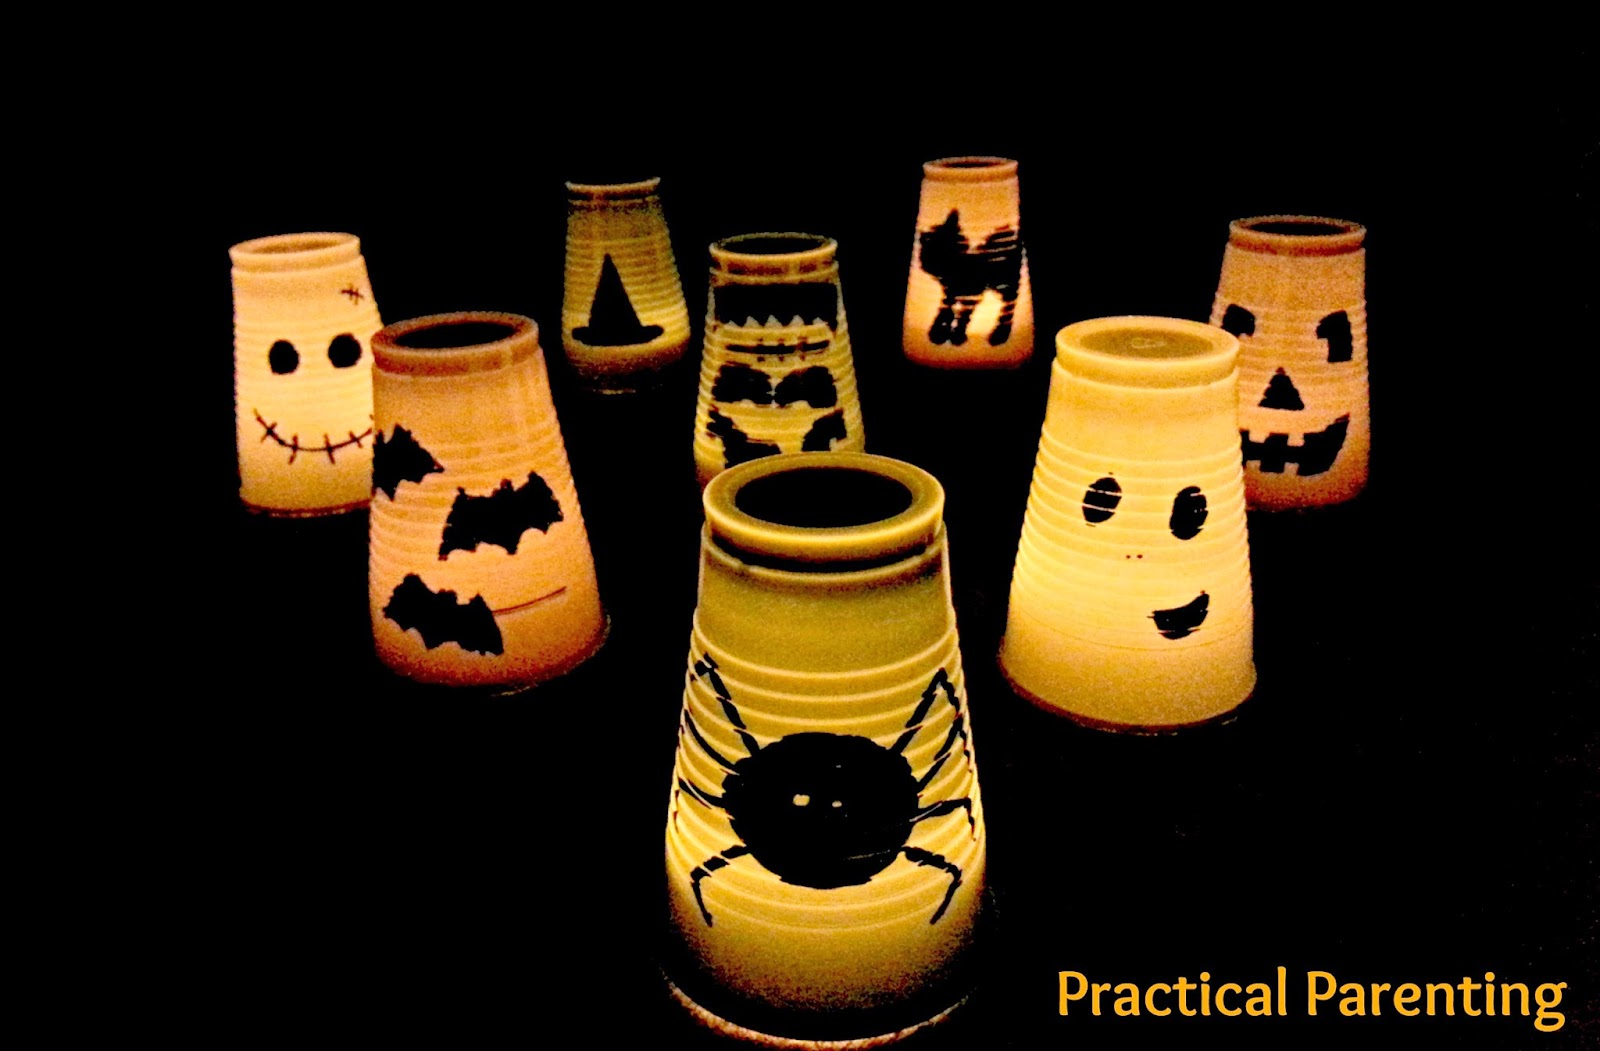 Fabriquer des lanternes d'Halloween avec des verres de plastique